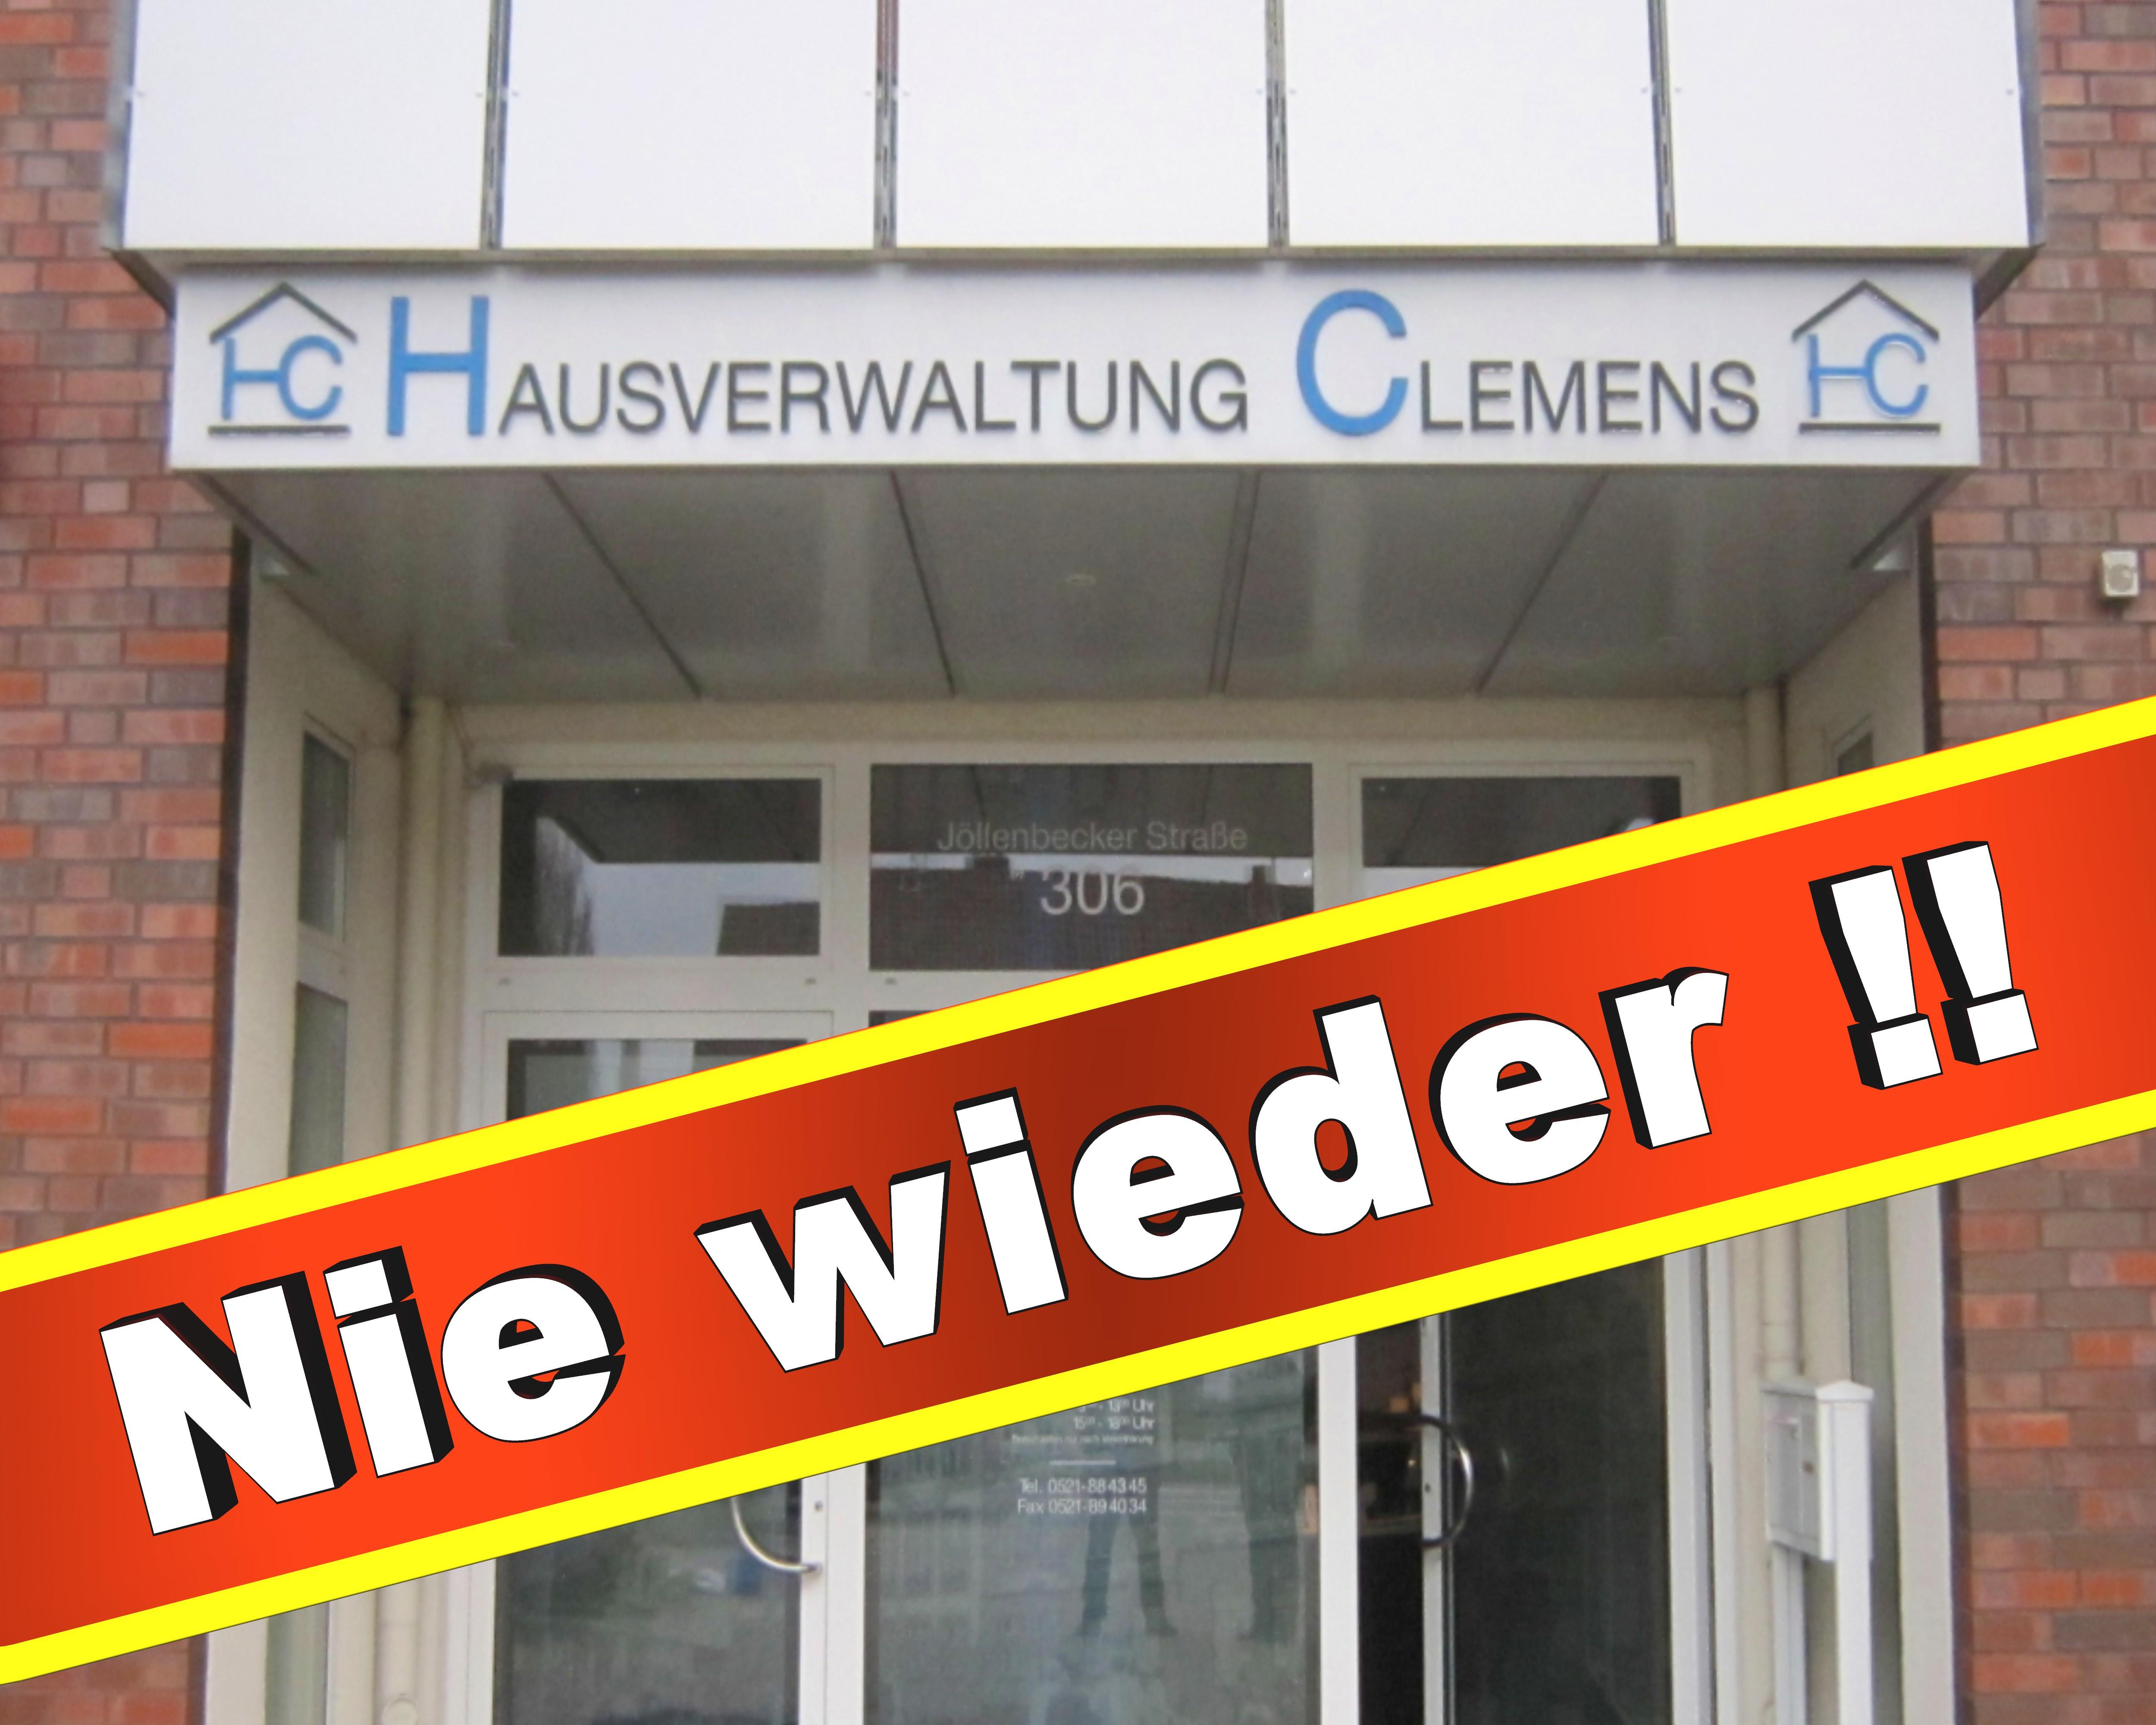 Hausverwaltung Clemens Bielefeld Jöllenbecker Str 306, 33613 Bielefeld Grundstücksverwaltung Hausverwaltungen